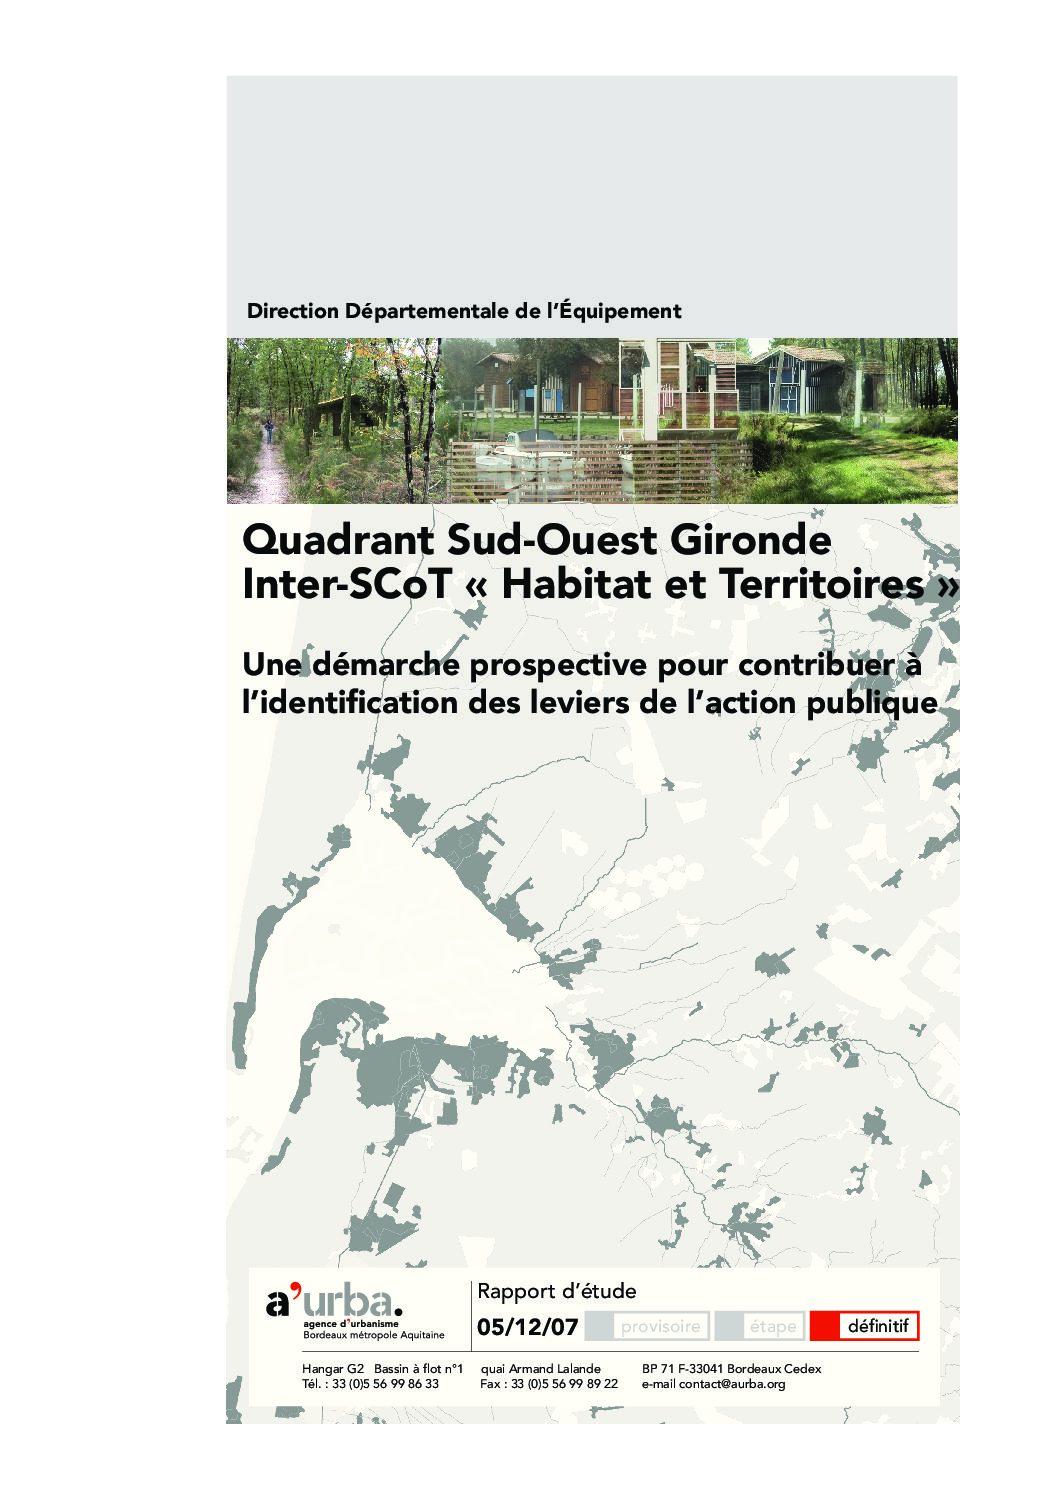 Quadrant sud ouest gironde interscot habitat et for Agence urbanisme paysage bordeaux